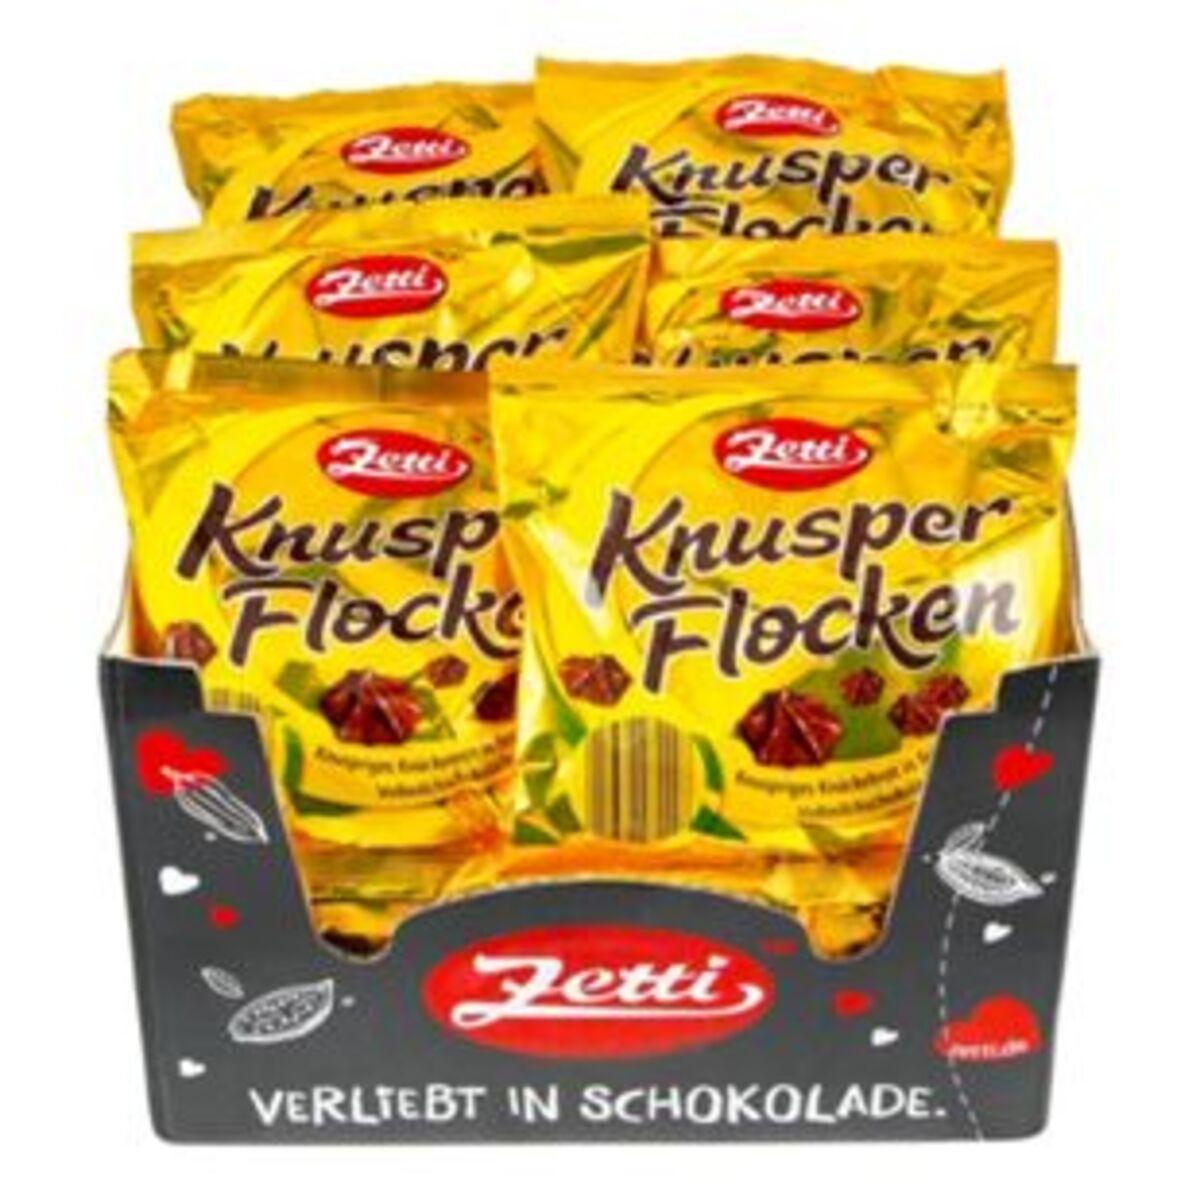 Bild 2 von Zetti Knusperflocken 350 g, 26er Pack